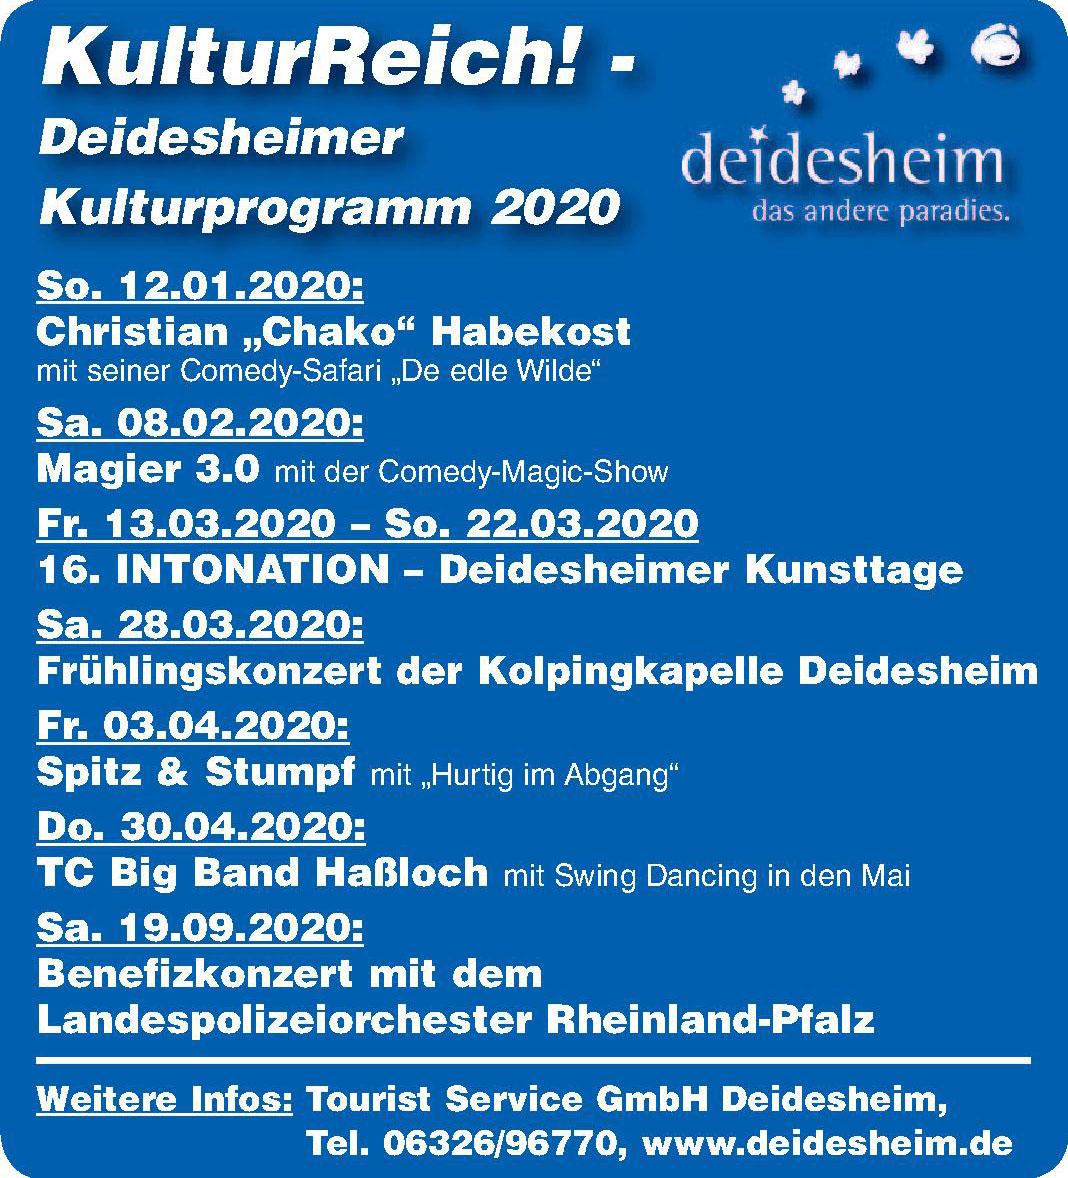 Tourist Service GmbH Deidesheim